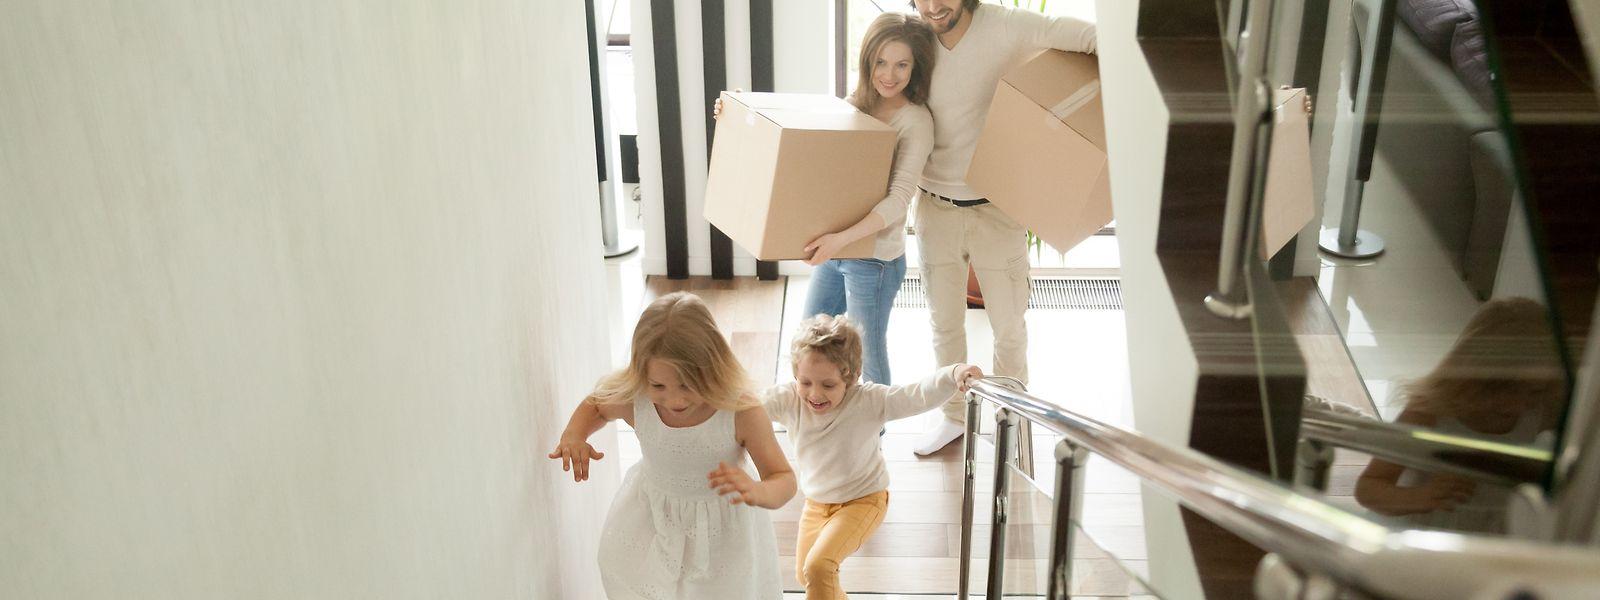 Haus Umzug Familie Kinder